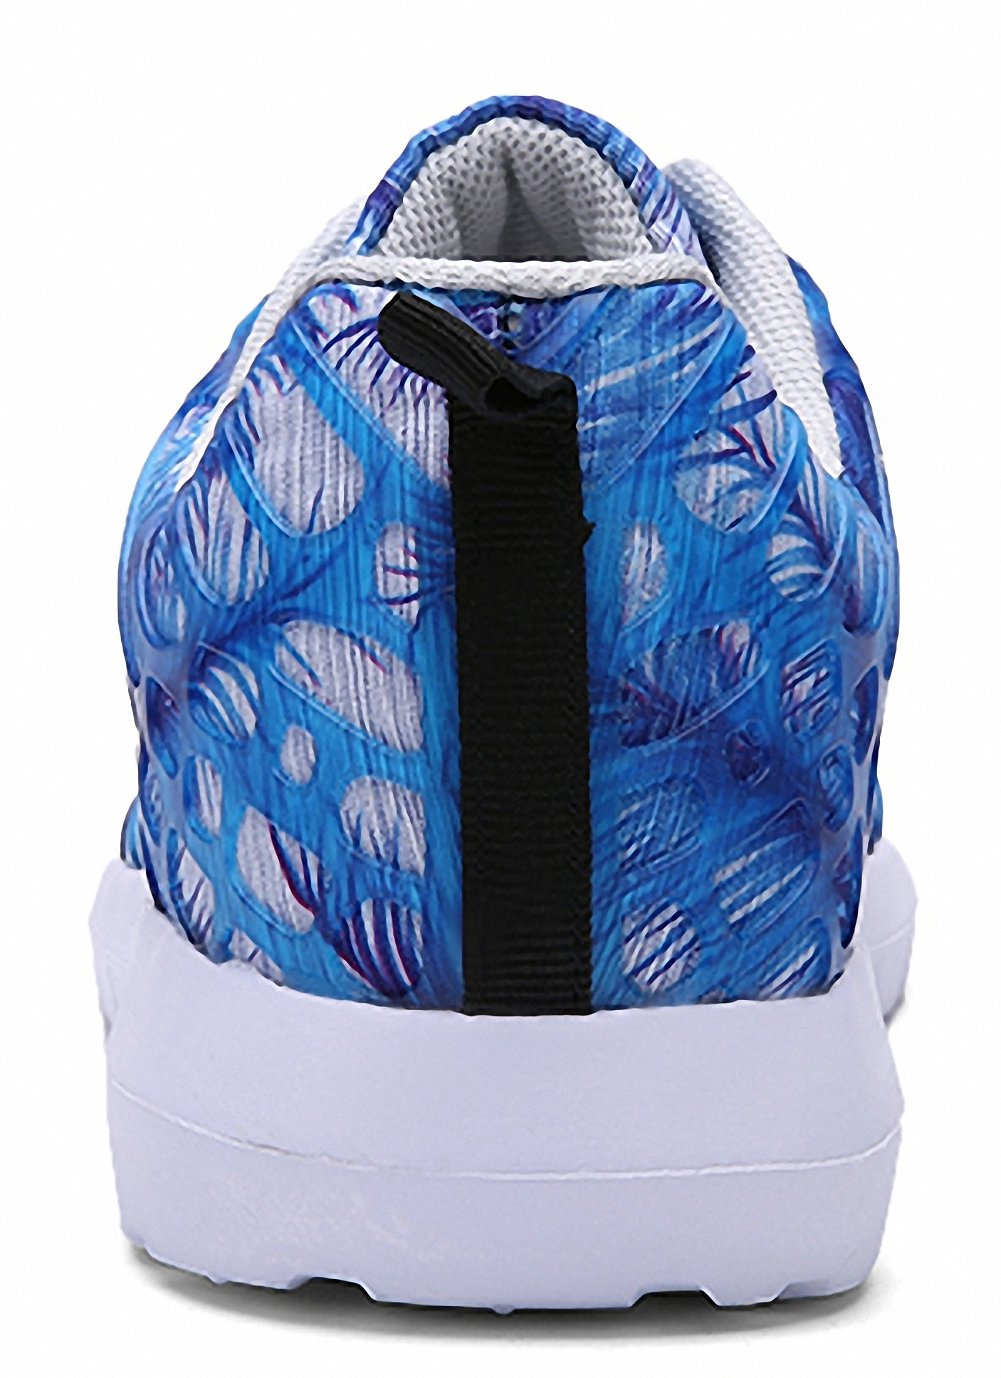 ZHENZHONG Women's Cool Fashion Sneakers Running Sport Shoes Blue for Walking Jogging by ZHENZHONG (Image #4)